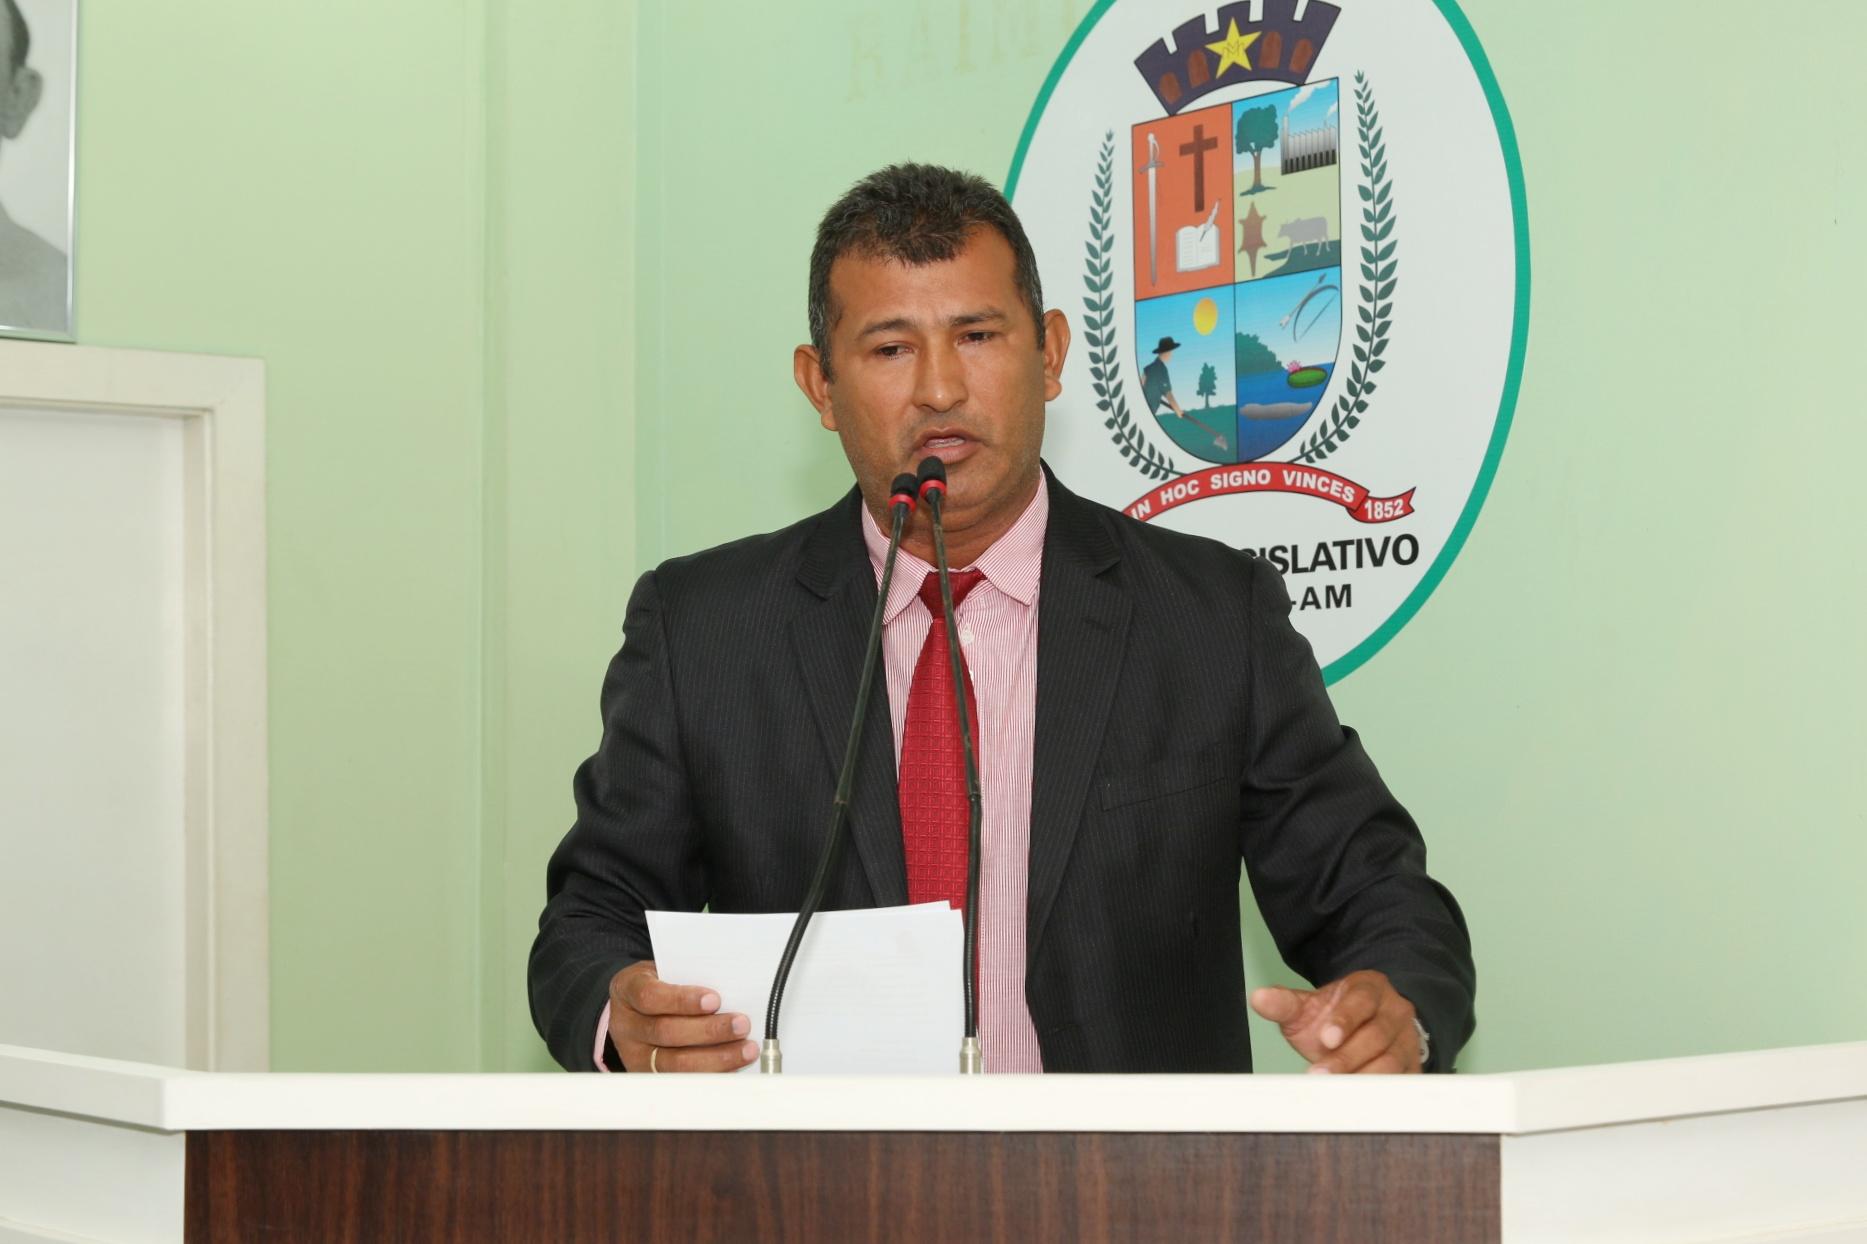 Vereador Bertoldo requer operação tapa-buracos e recuperação asfáltica para Rua 24 de Janeiro